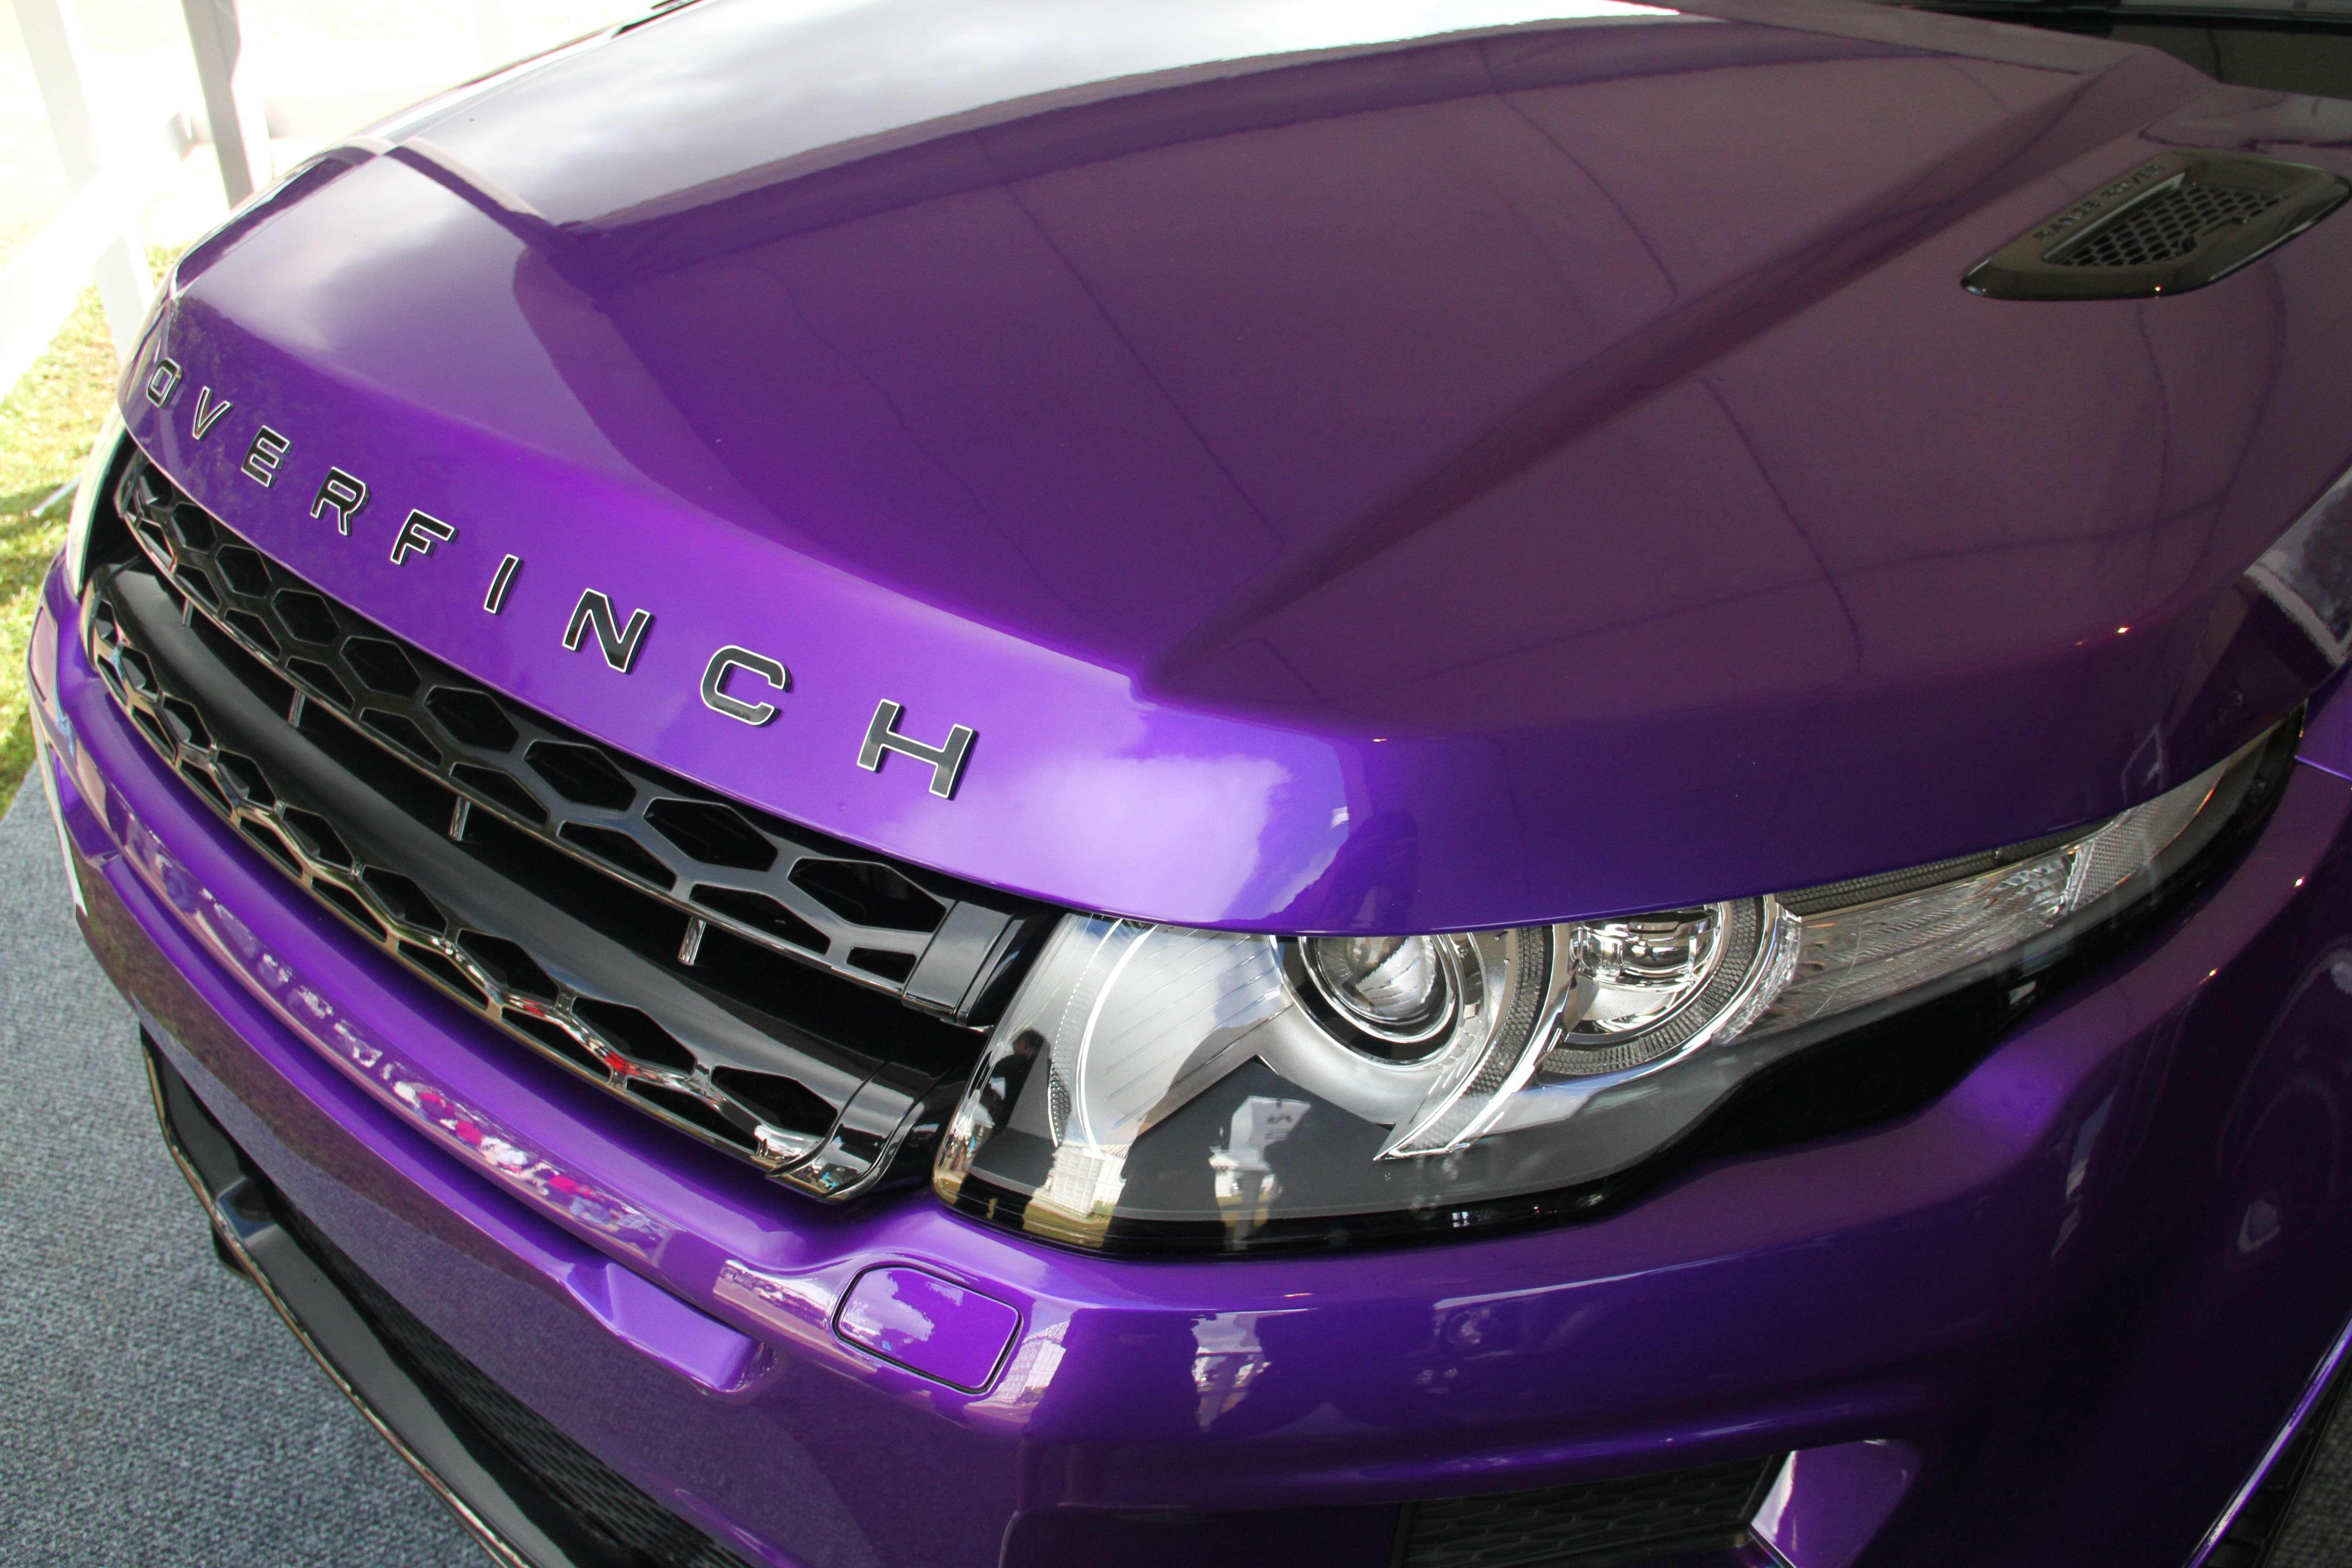 Range Rover Evoque Overfinch Front